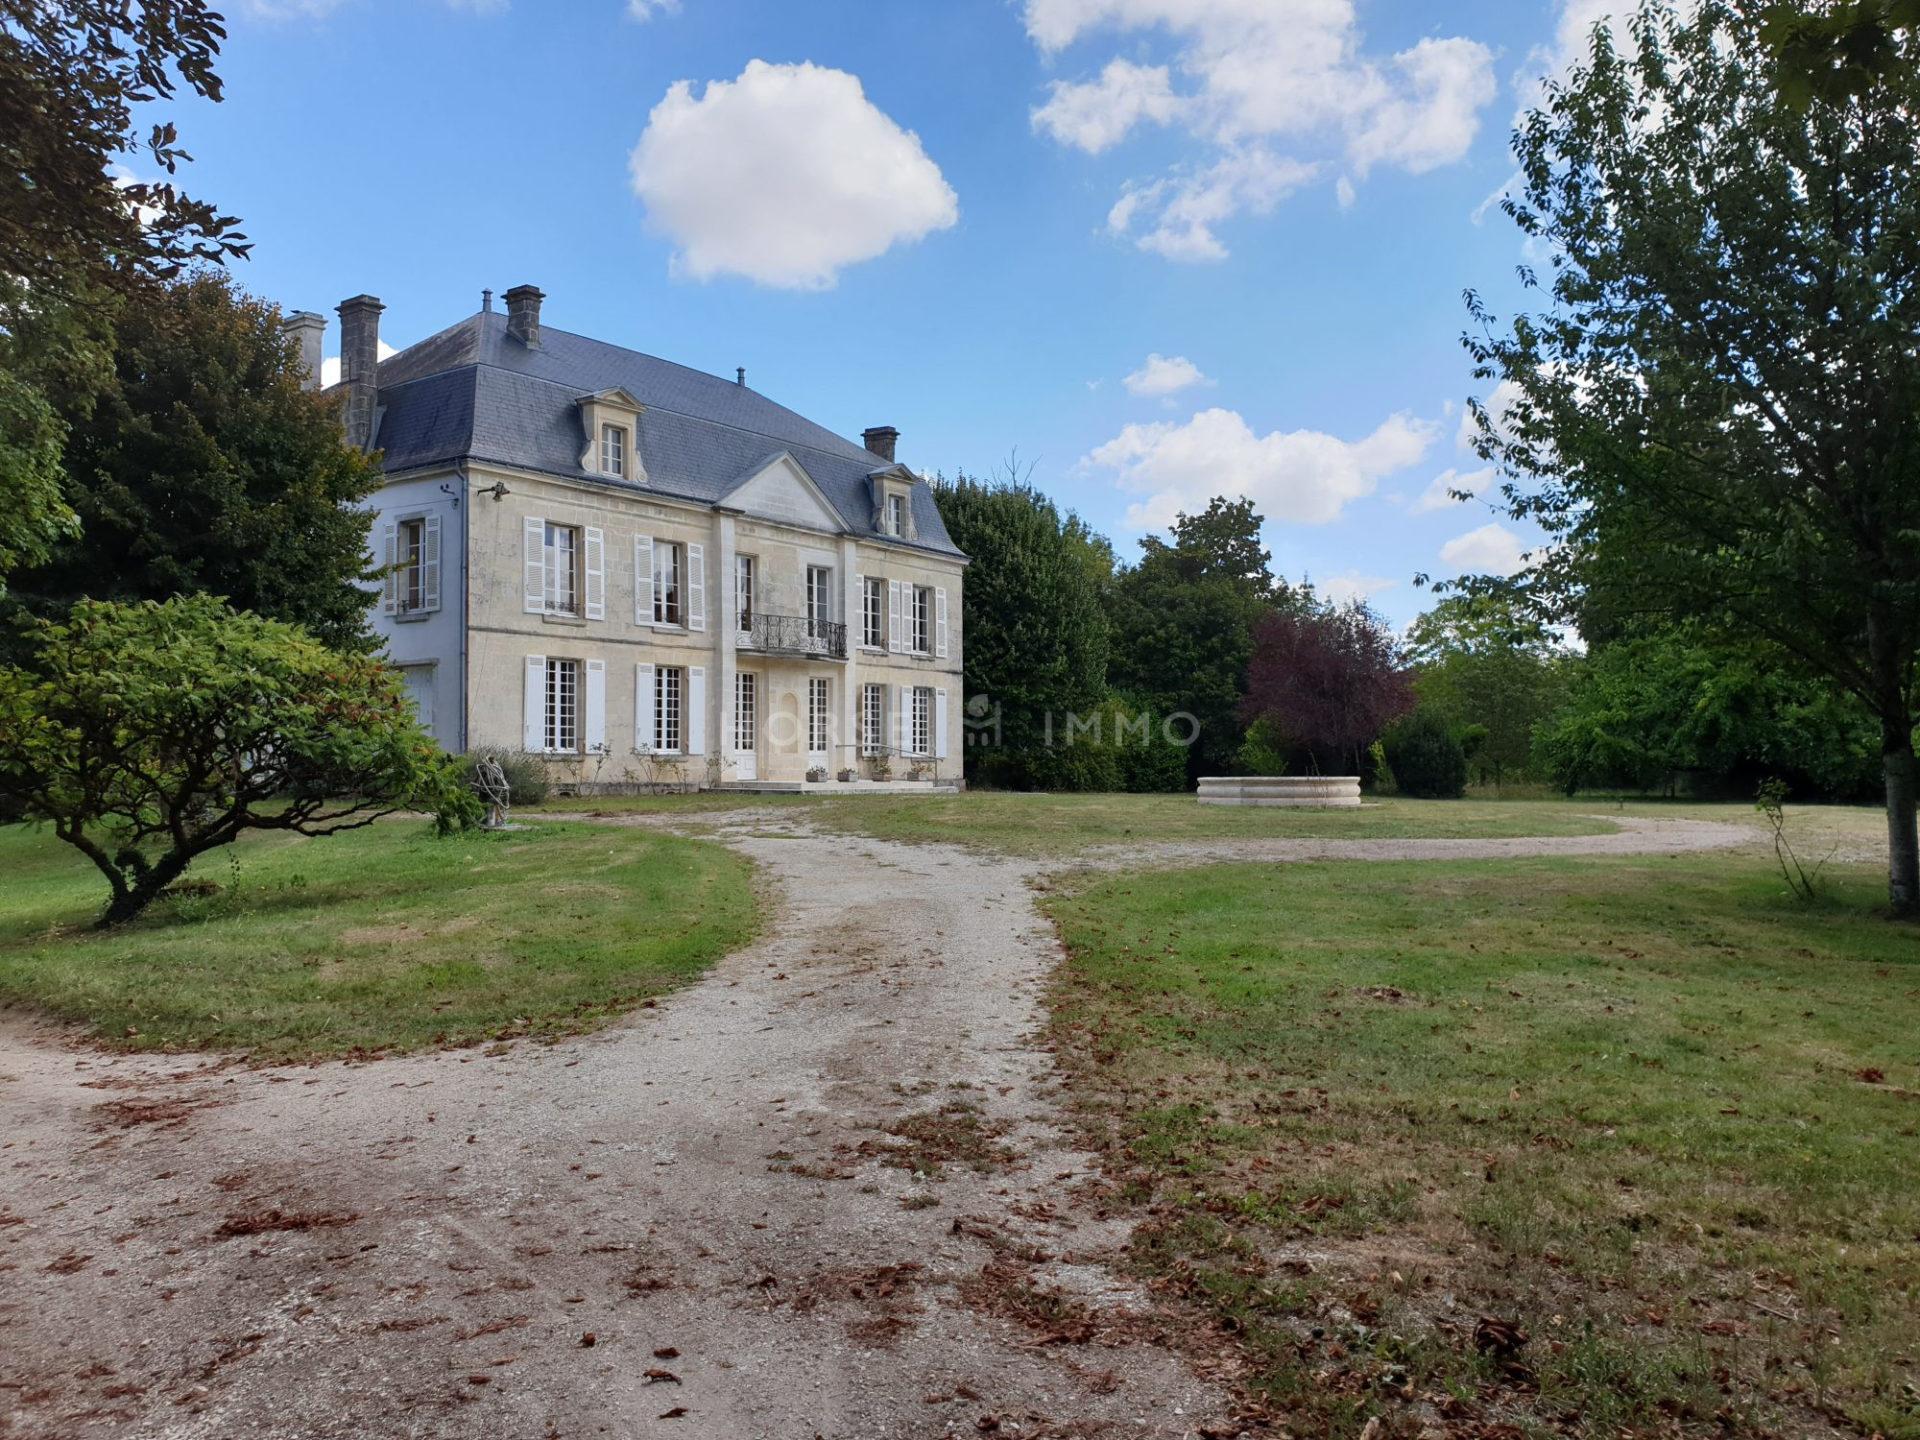 1614339527 VM1666 1 original 1920x1440 - Château et ses 2 logements sur 30ha clos de murs